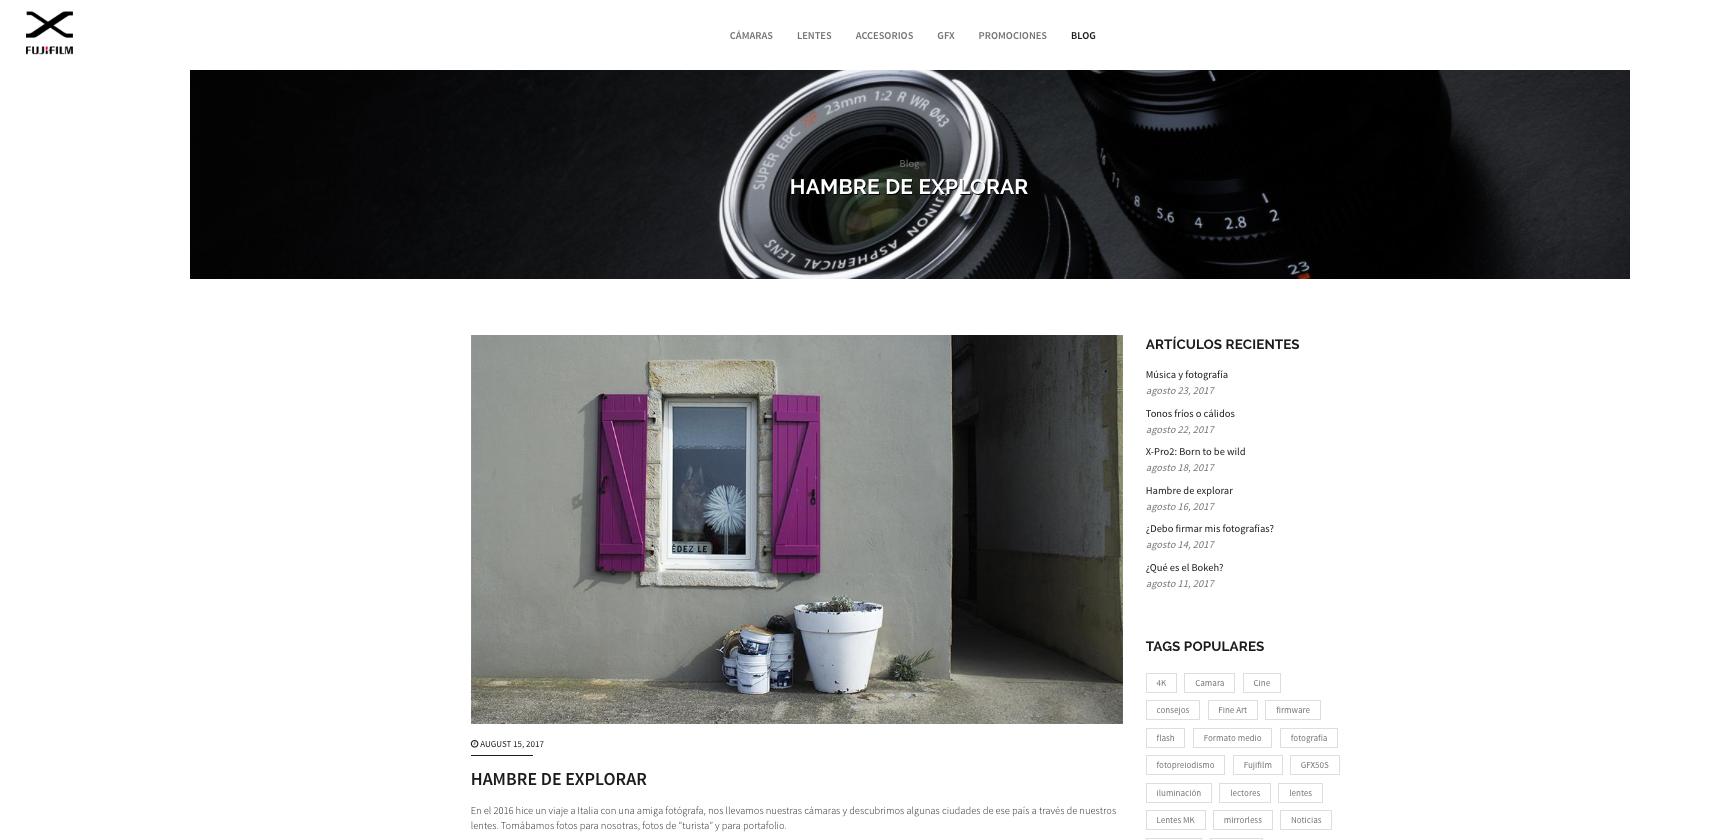 Colaboración con Fujifilm México